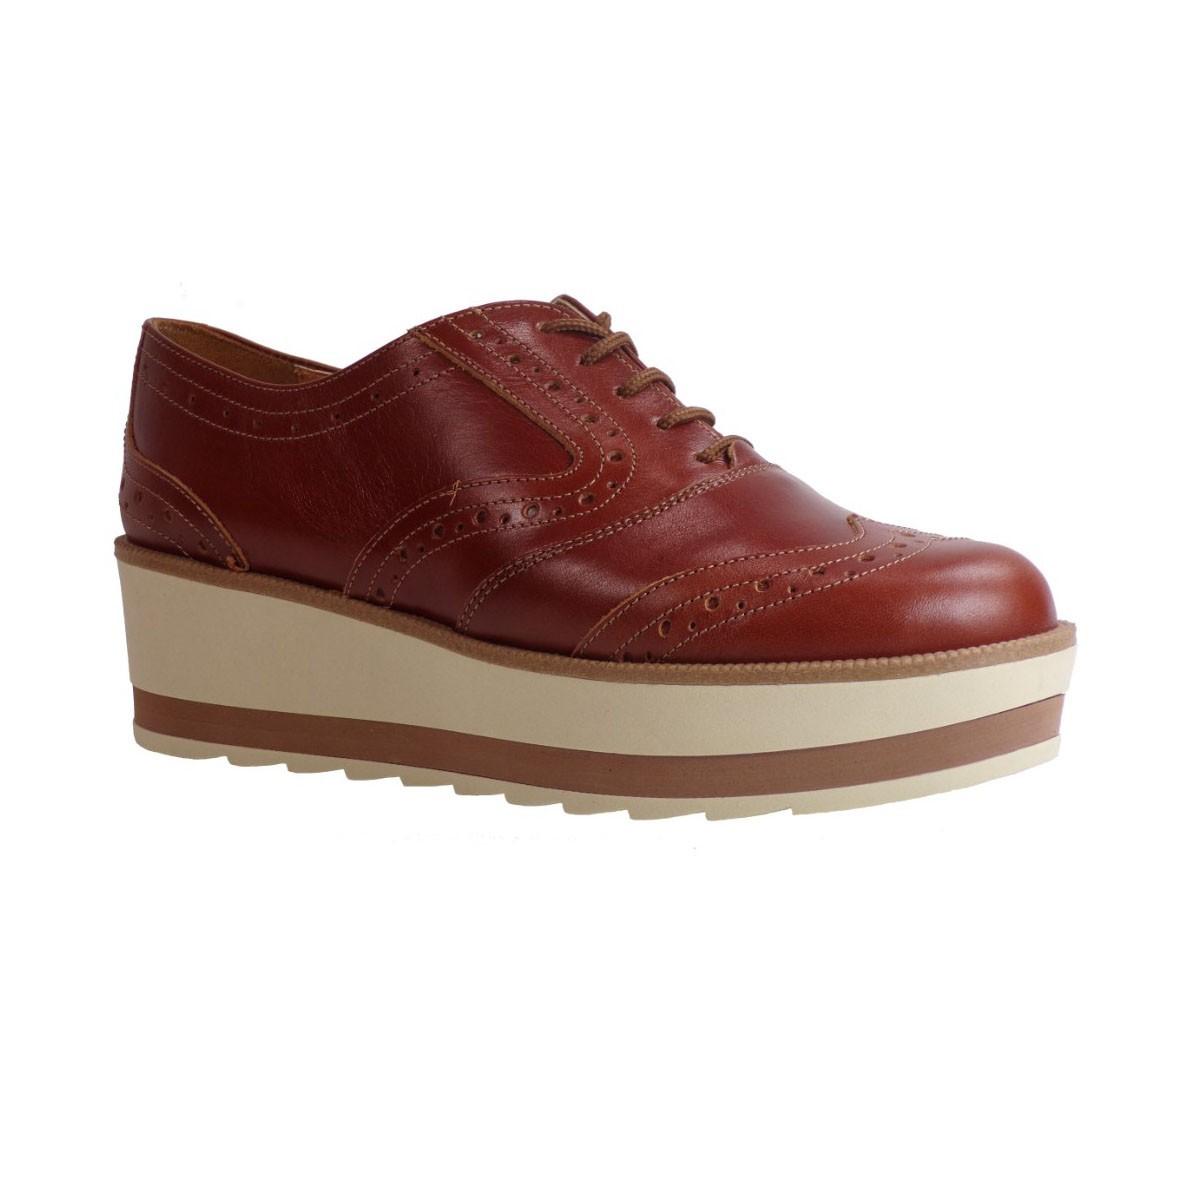 4b795e65e379 Κορυφαία προϊόντα για Παπούτσια - Φθηνότερα Προϊόντα - Σελίδα 3938 ...